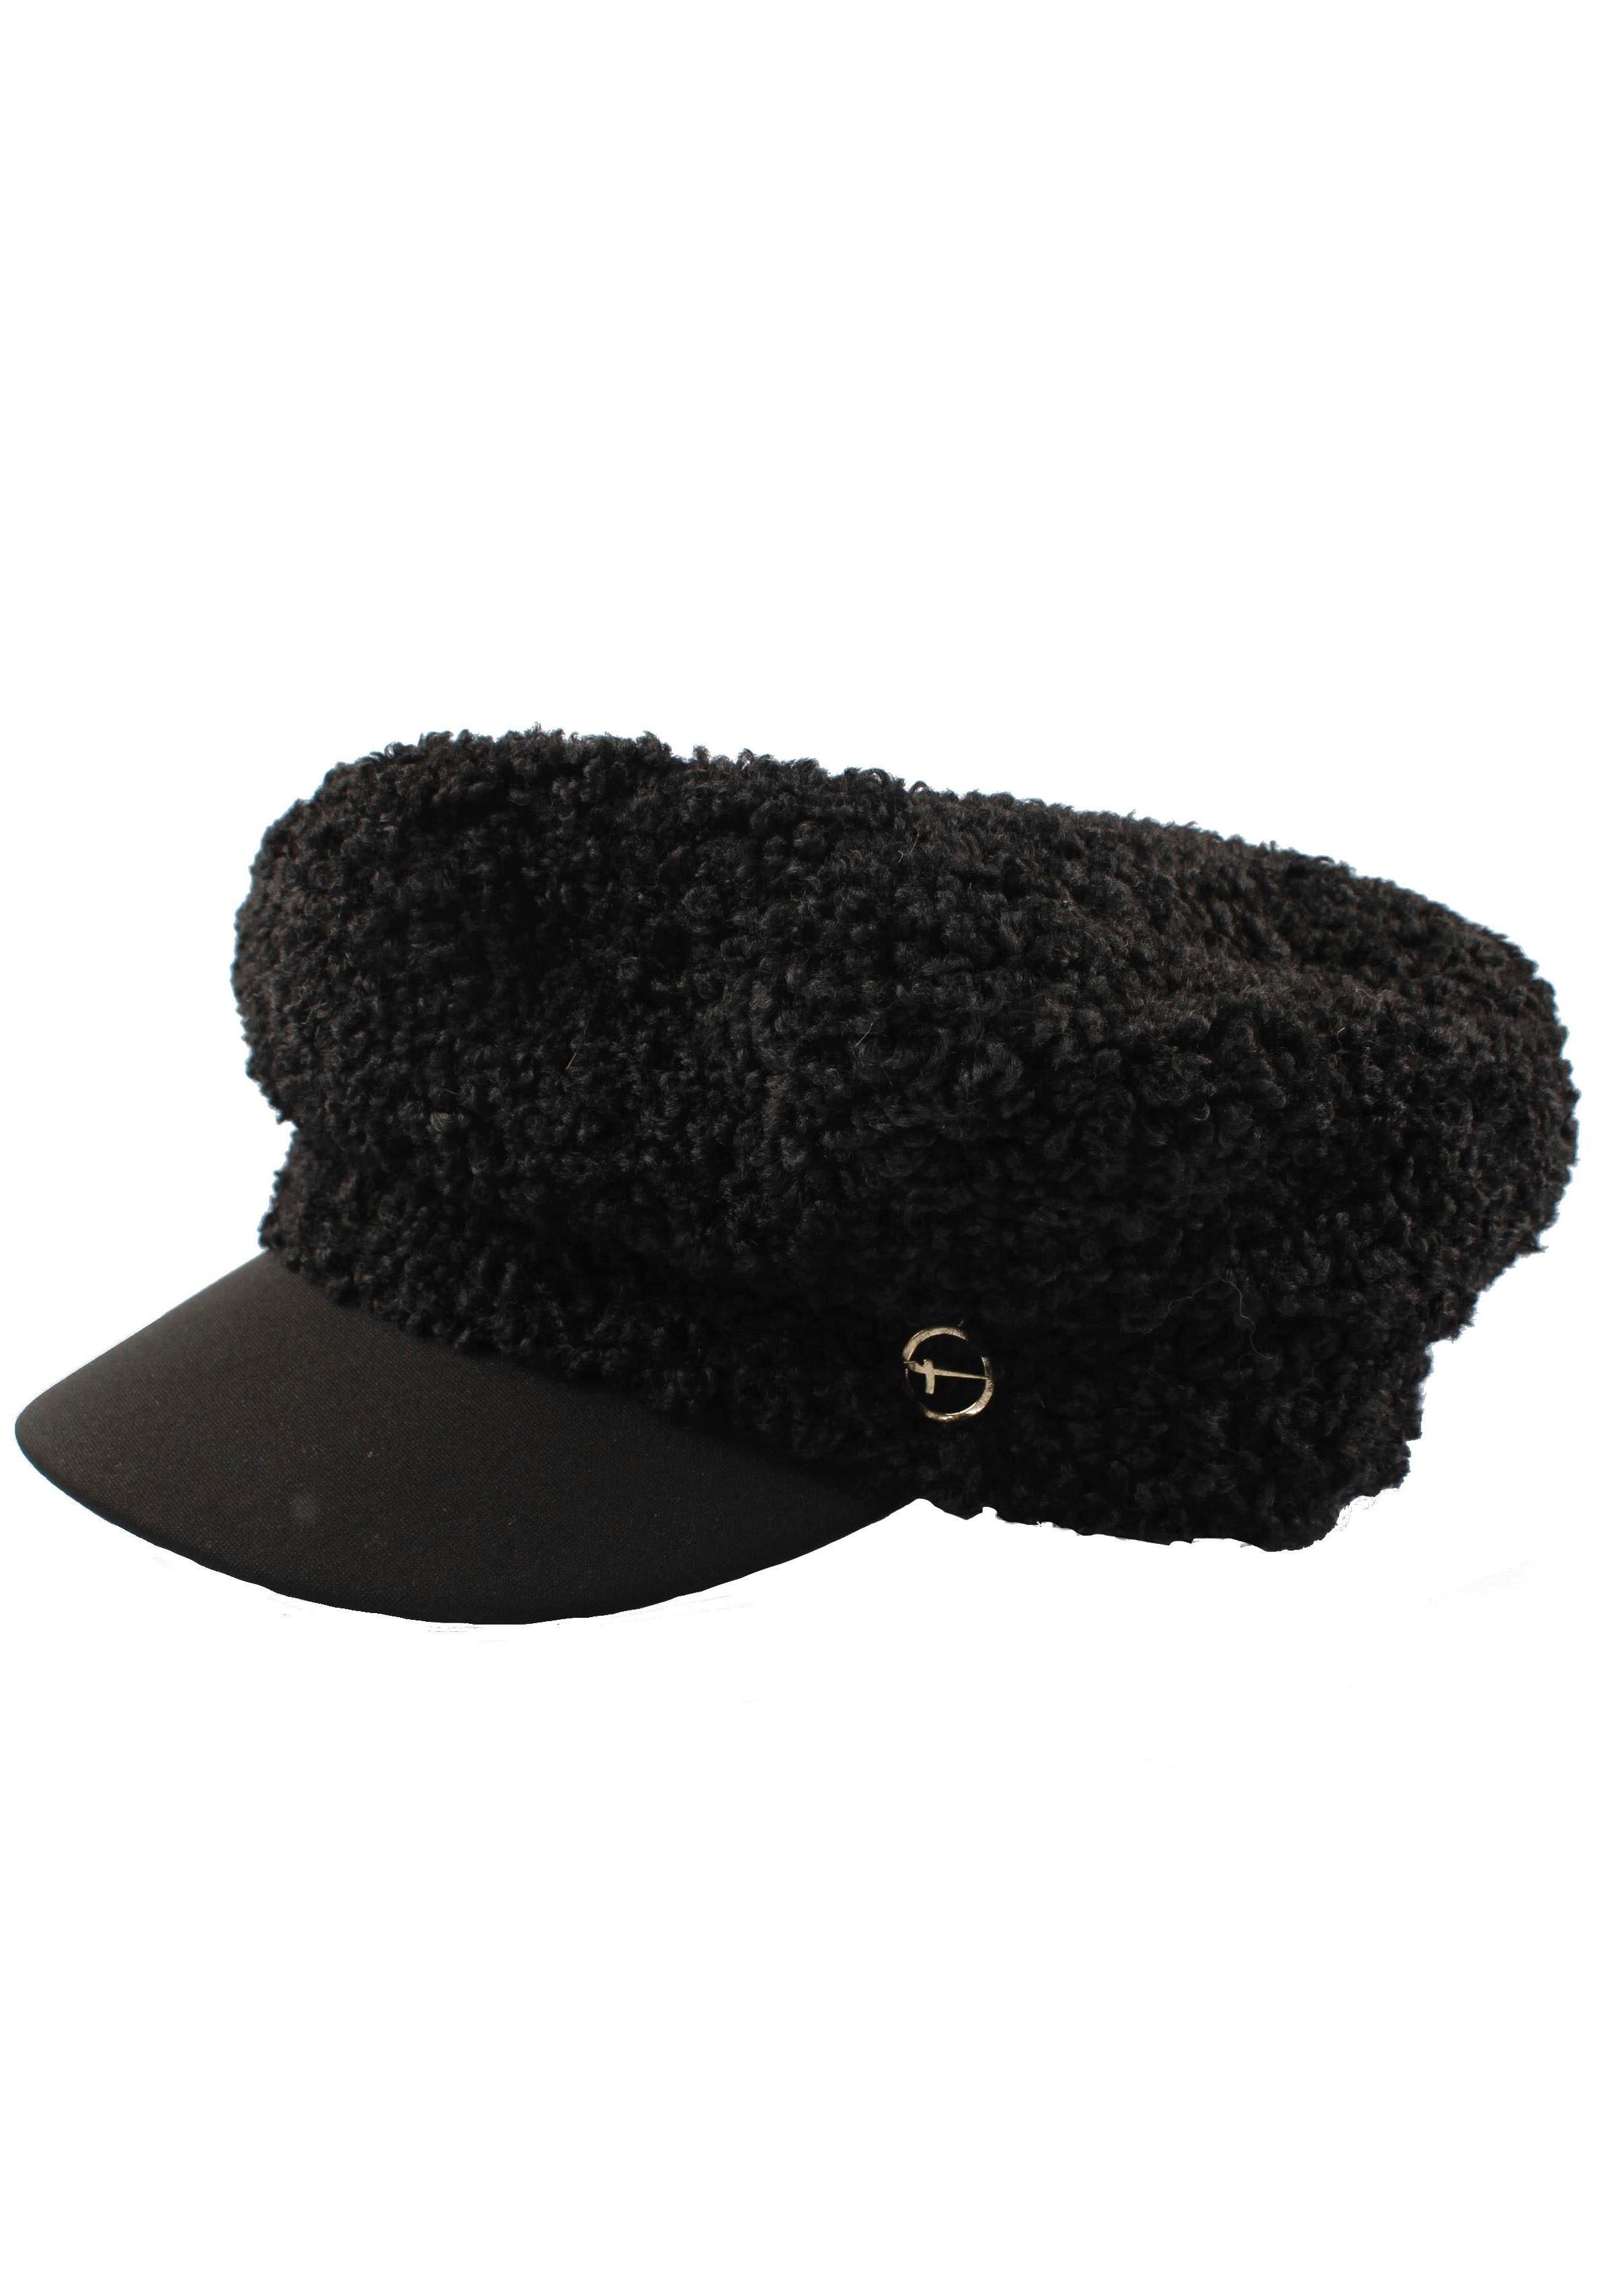 Tamaris Schirmmütze, Baker Boy Mütze schwarz Damen Schirmmütze